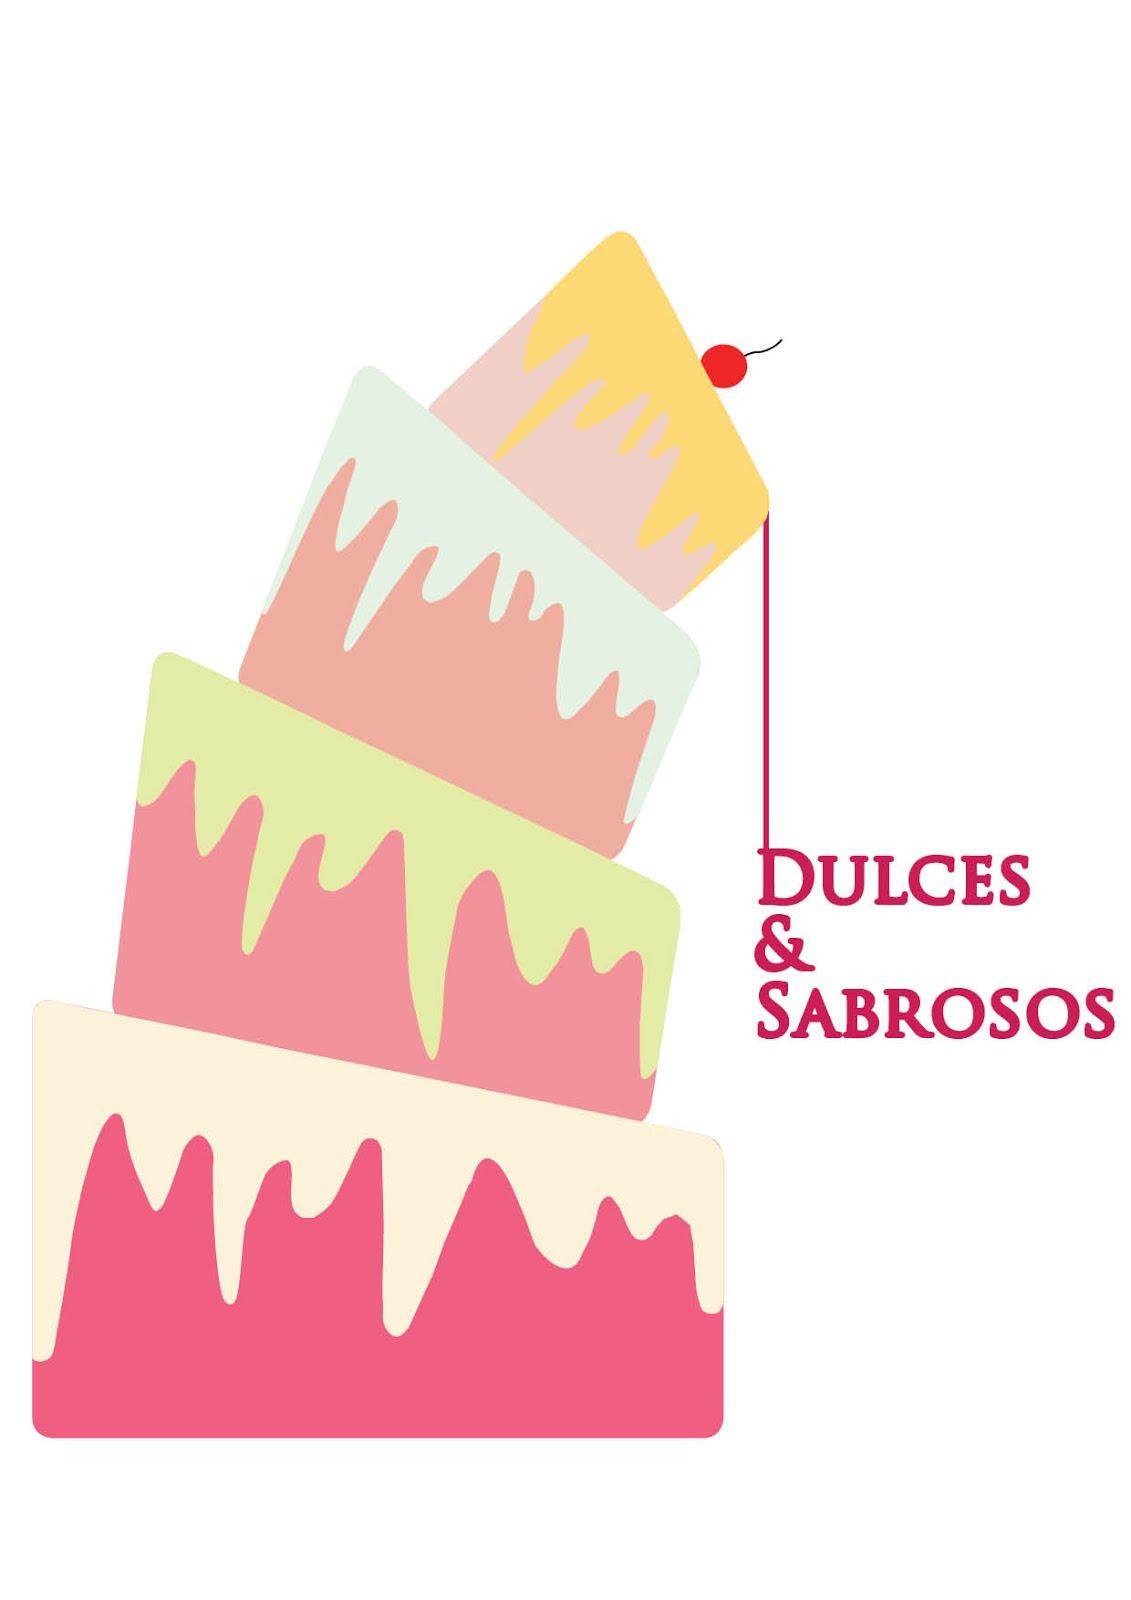 Dulces & Sabrosos